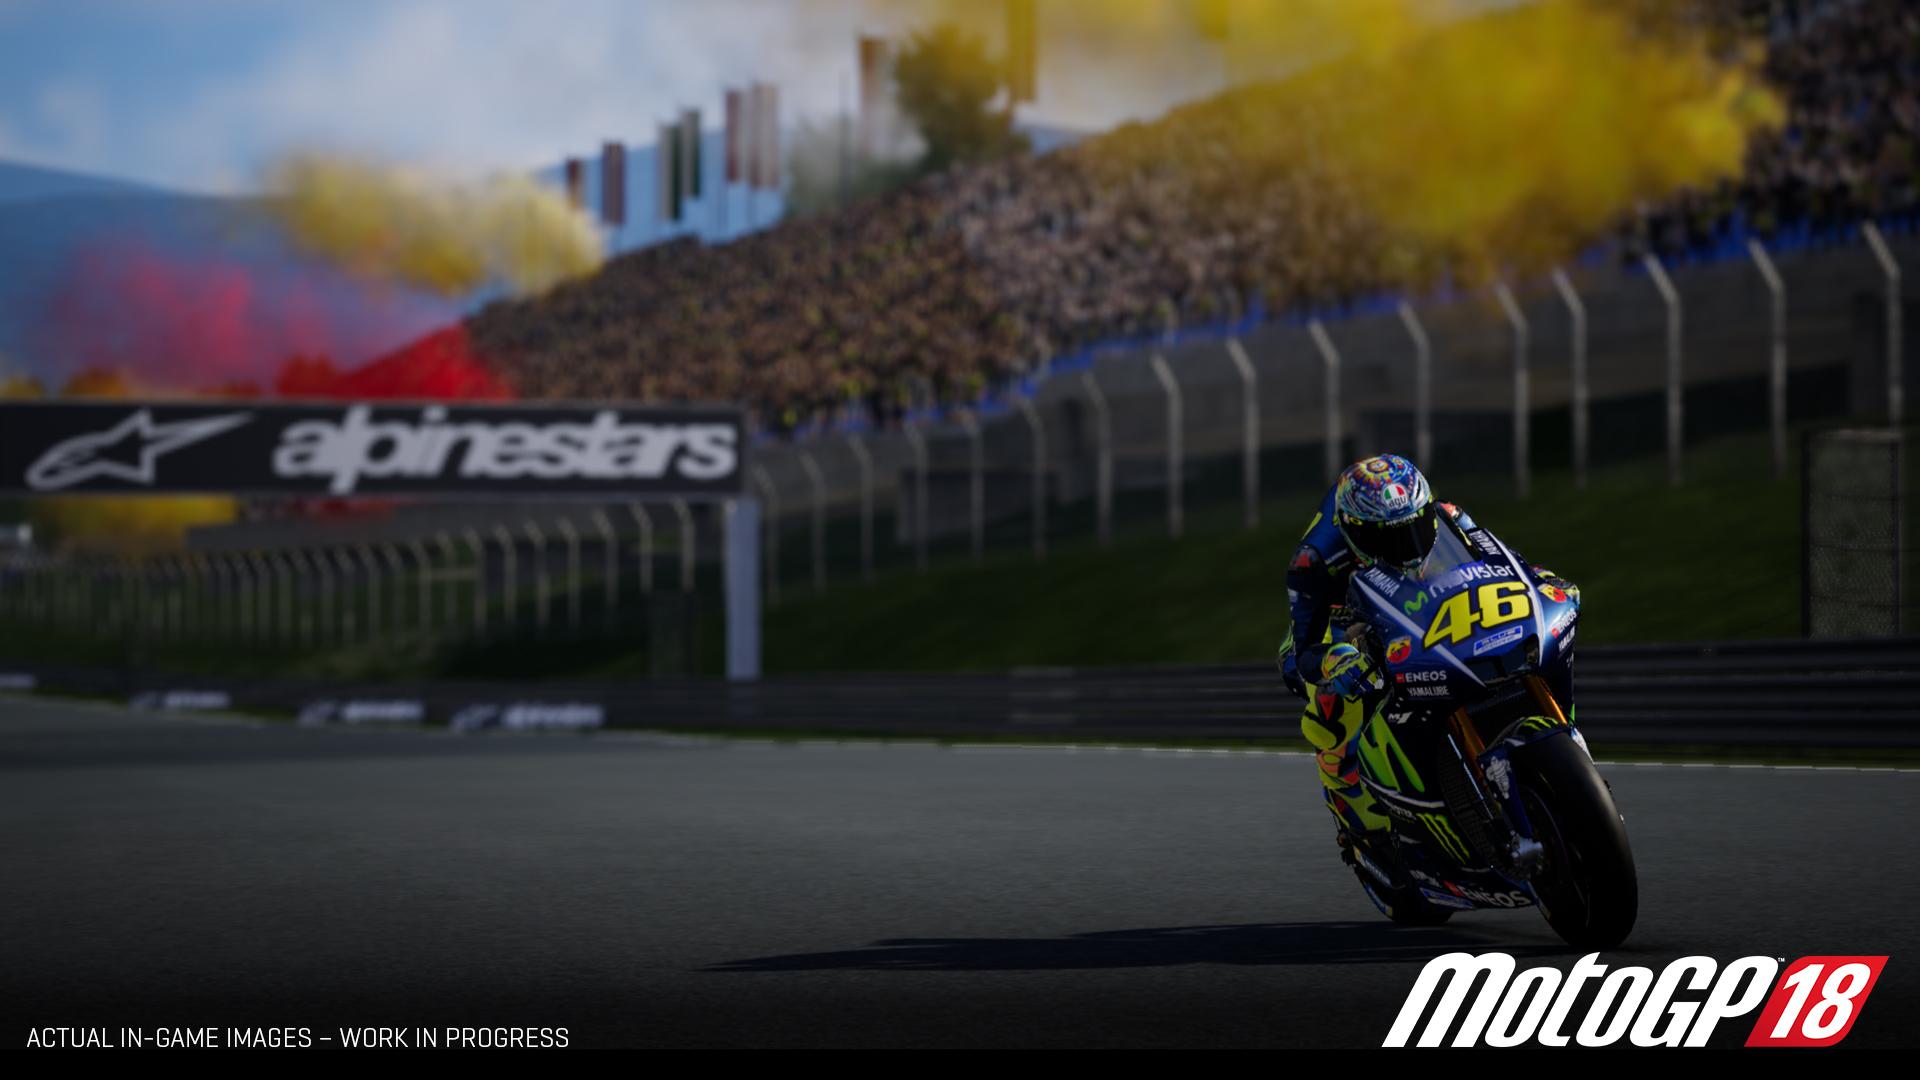 《世界摩托大奖赛18》洋文版